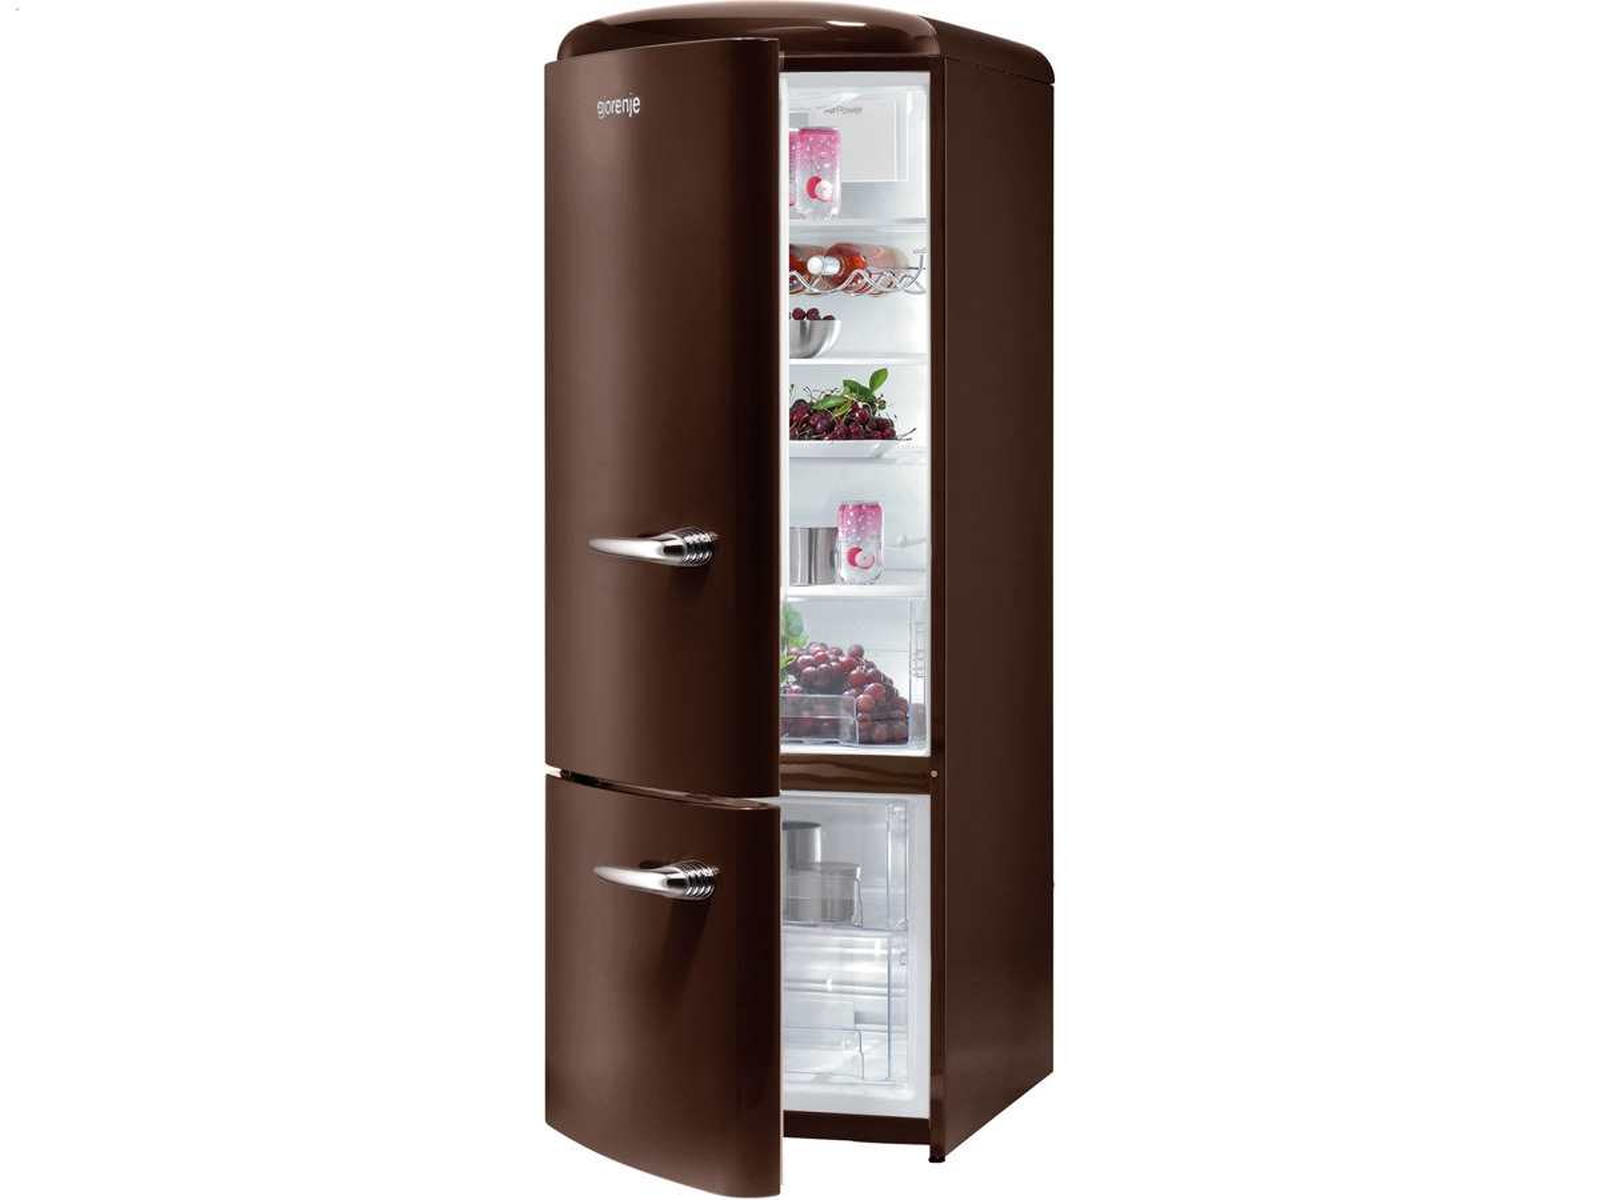 Gorenje Kühlschrank Ohne Gefrierfach : Gorenje rk och l kühl gefrierkombination dark chocolate ebay